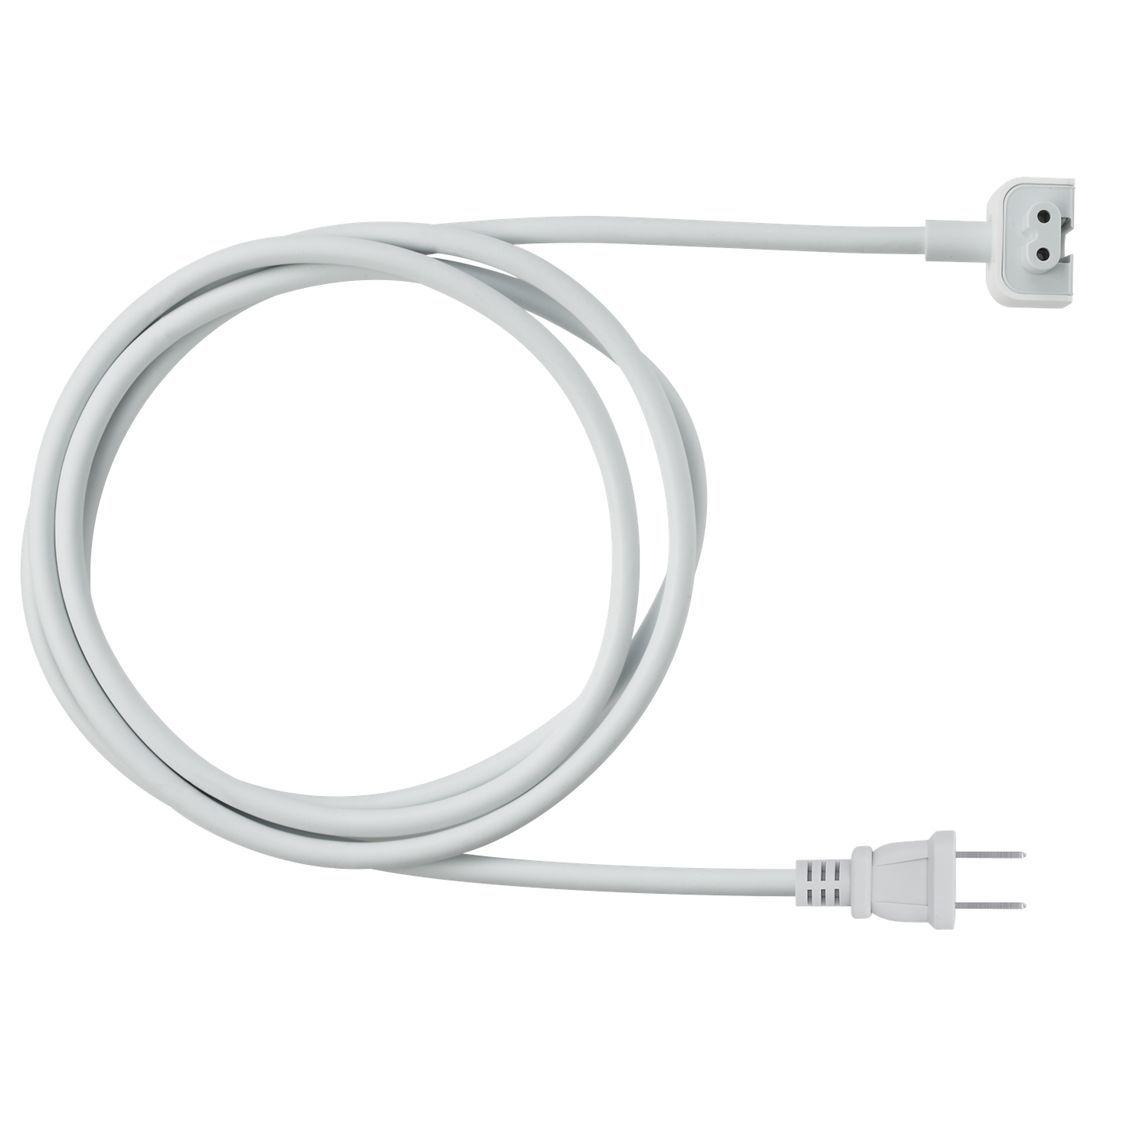 MacBook 電源アダプタ延長ケーブル 充電器 延長ケーブル 45W 60W 85W 61W 87W 長さ1.8M